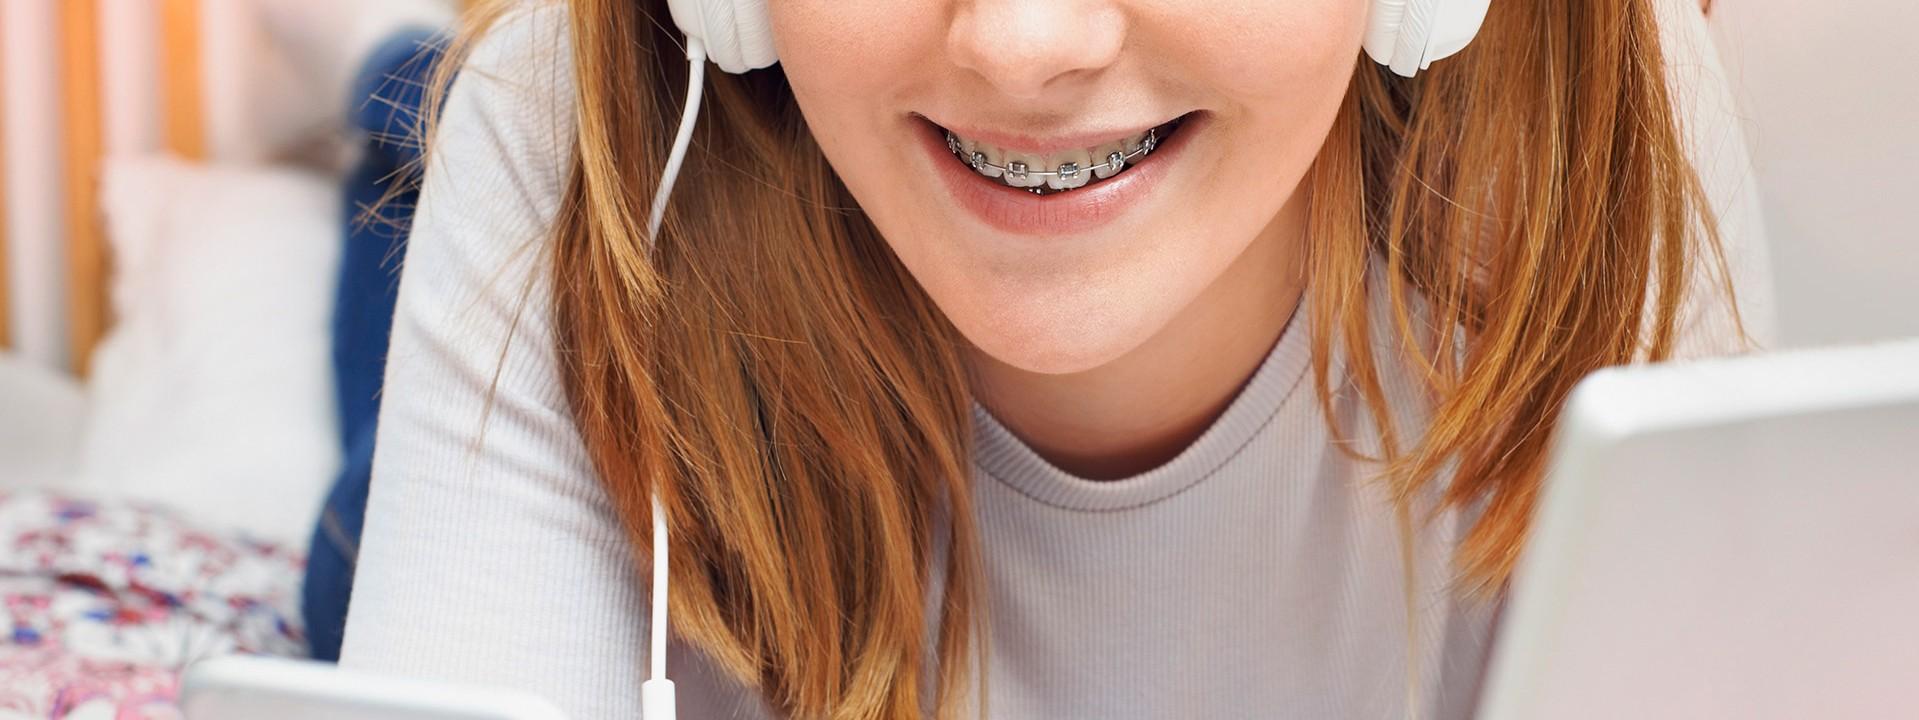 Der lächelnde Mund des jungen Mädchens gibt den Blick frei auf ihre Zahnspange.